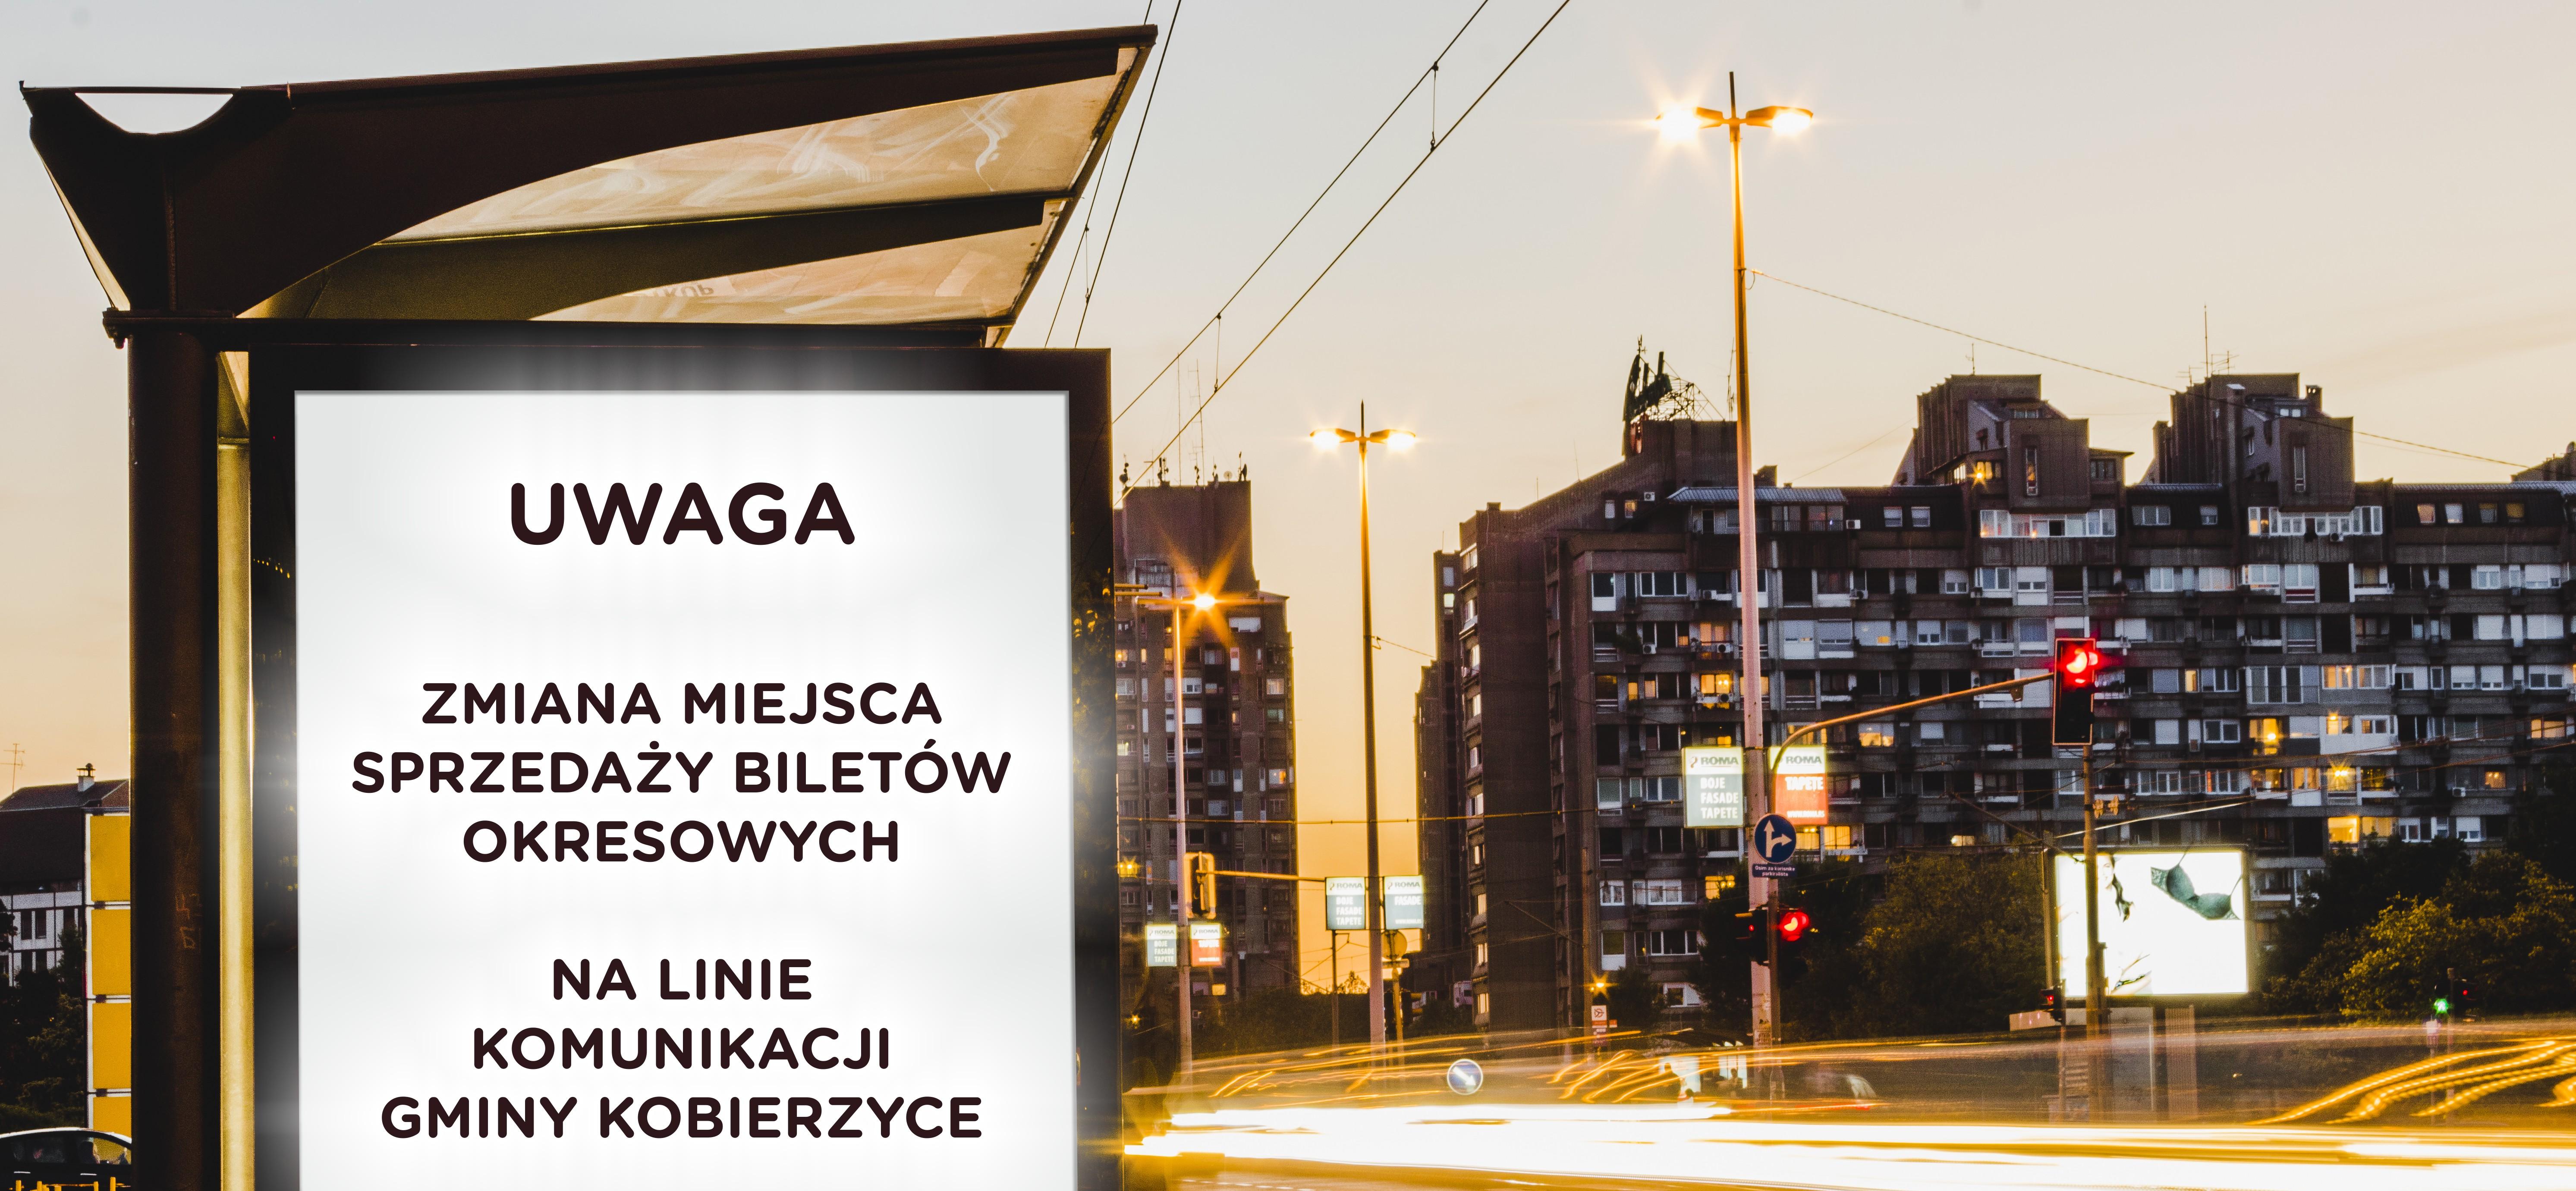 Zmiana miejsca sprzedaży biletów okresowych we Wrocławiu.